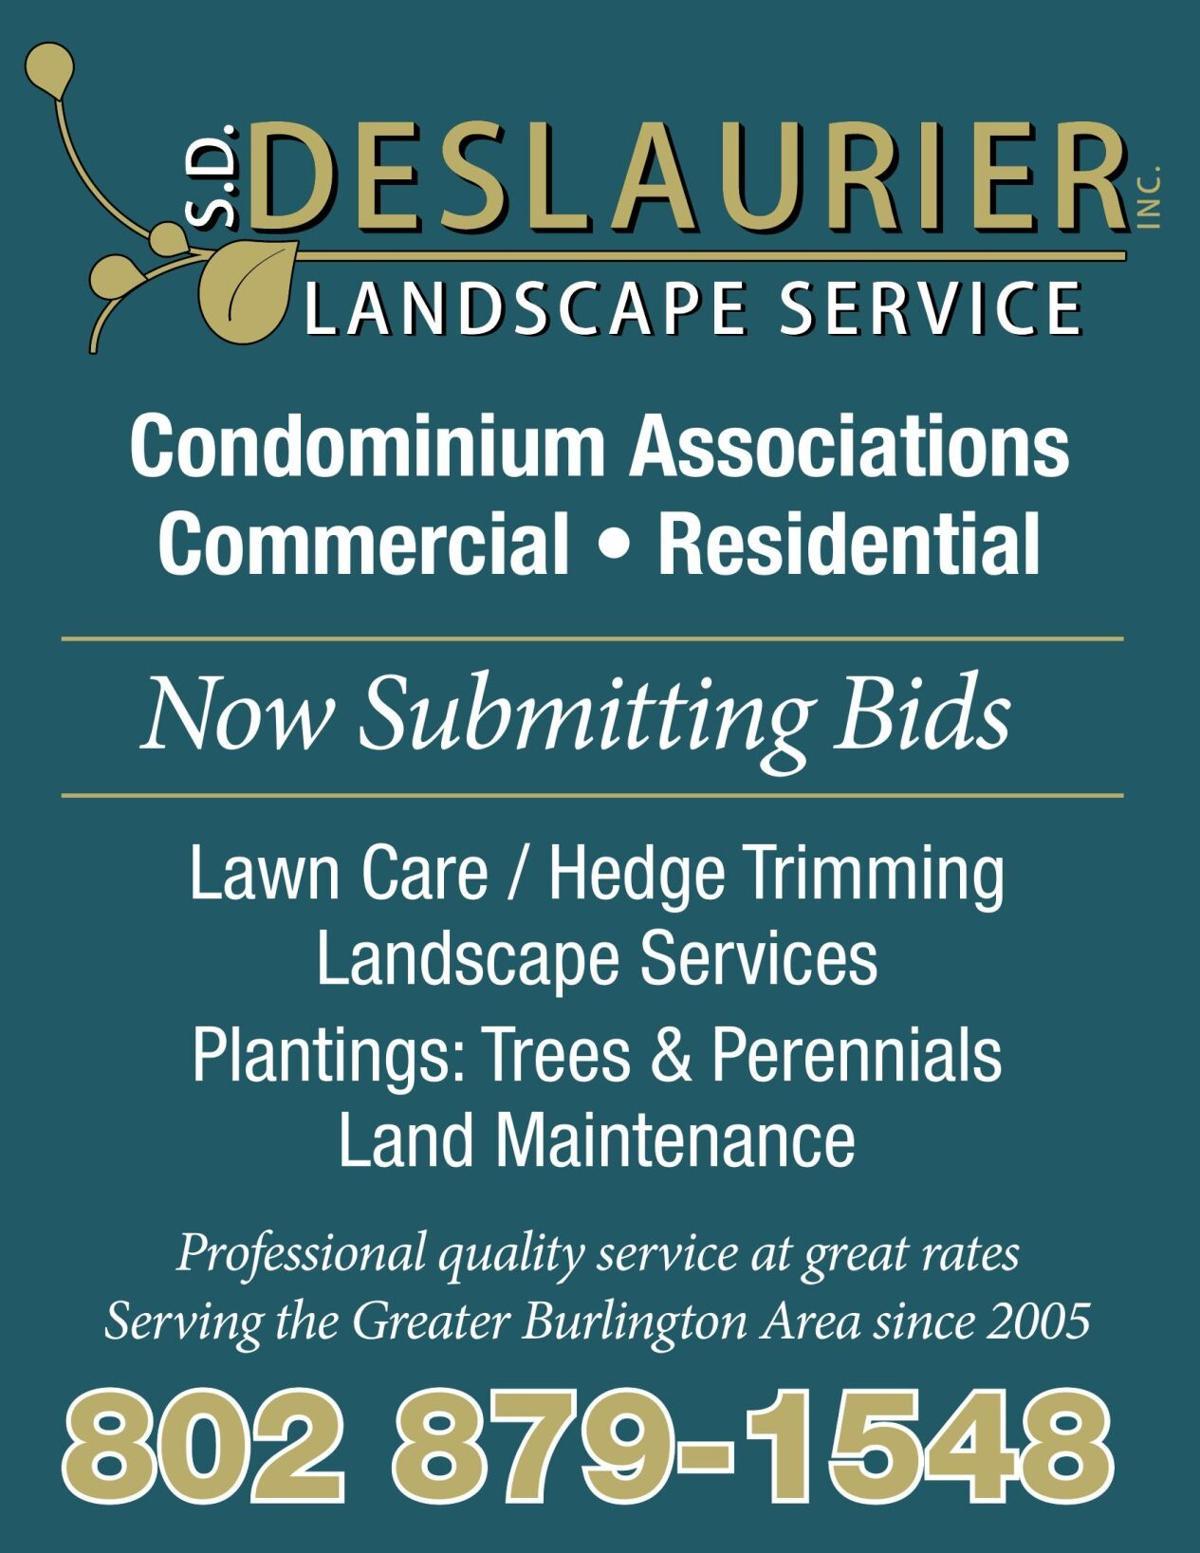 Deslaurier Landscape Service